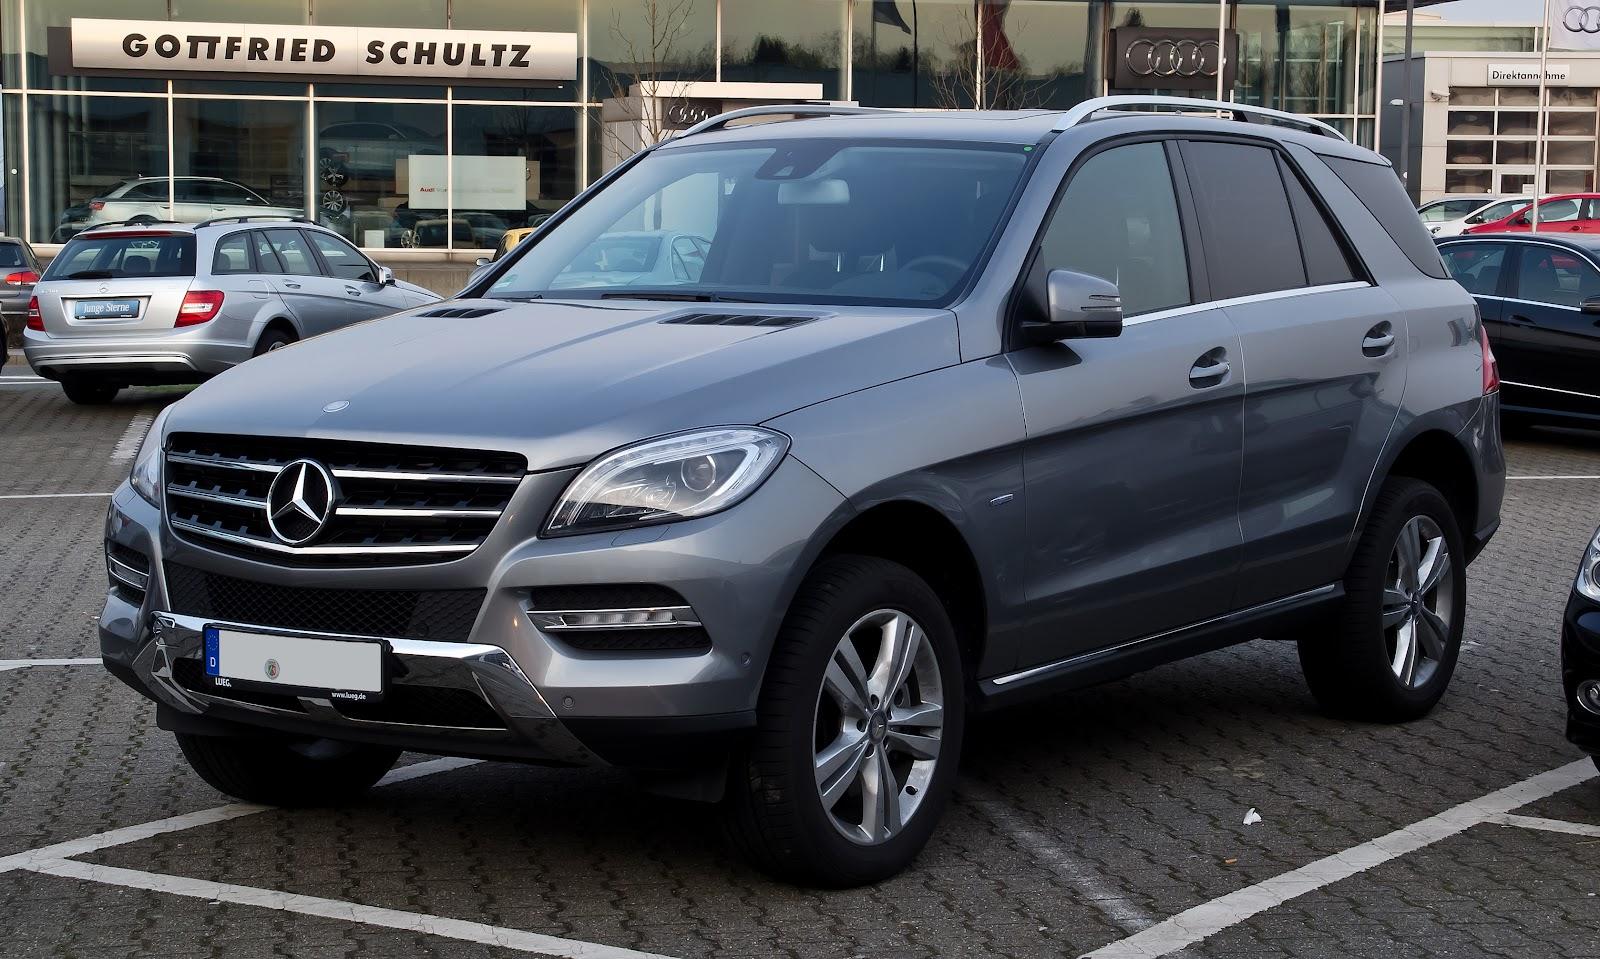 Mercedes-Benz_ML_250_BlueTEC_4MATIC_(W_166)_–_Frontansicht,_24._März_2012,_Velbert.jpg